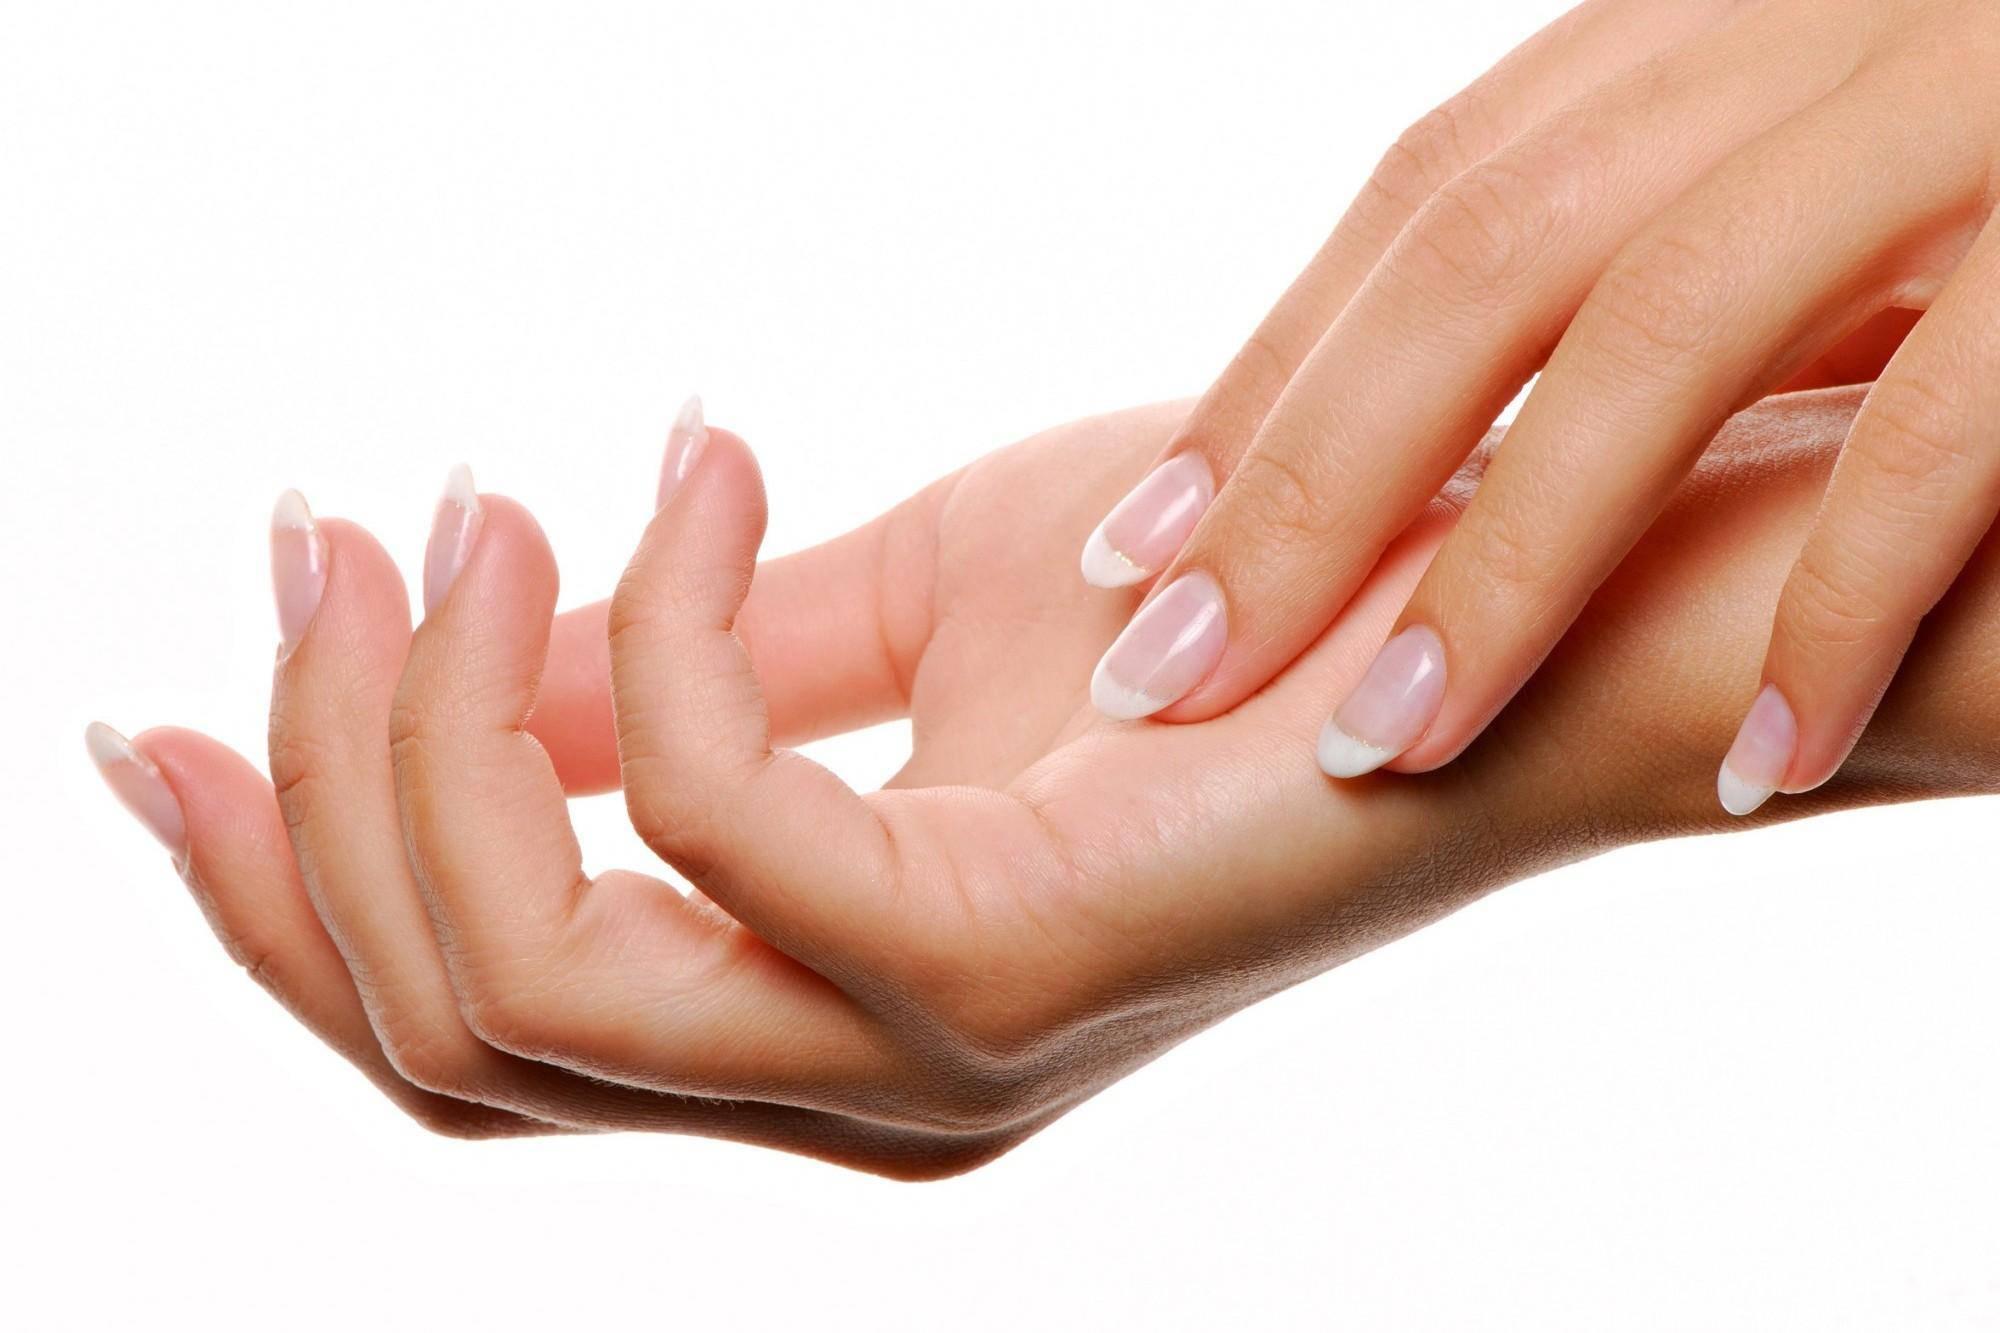 La lettura delle unghie può rivelare il nostro stato di salute